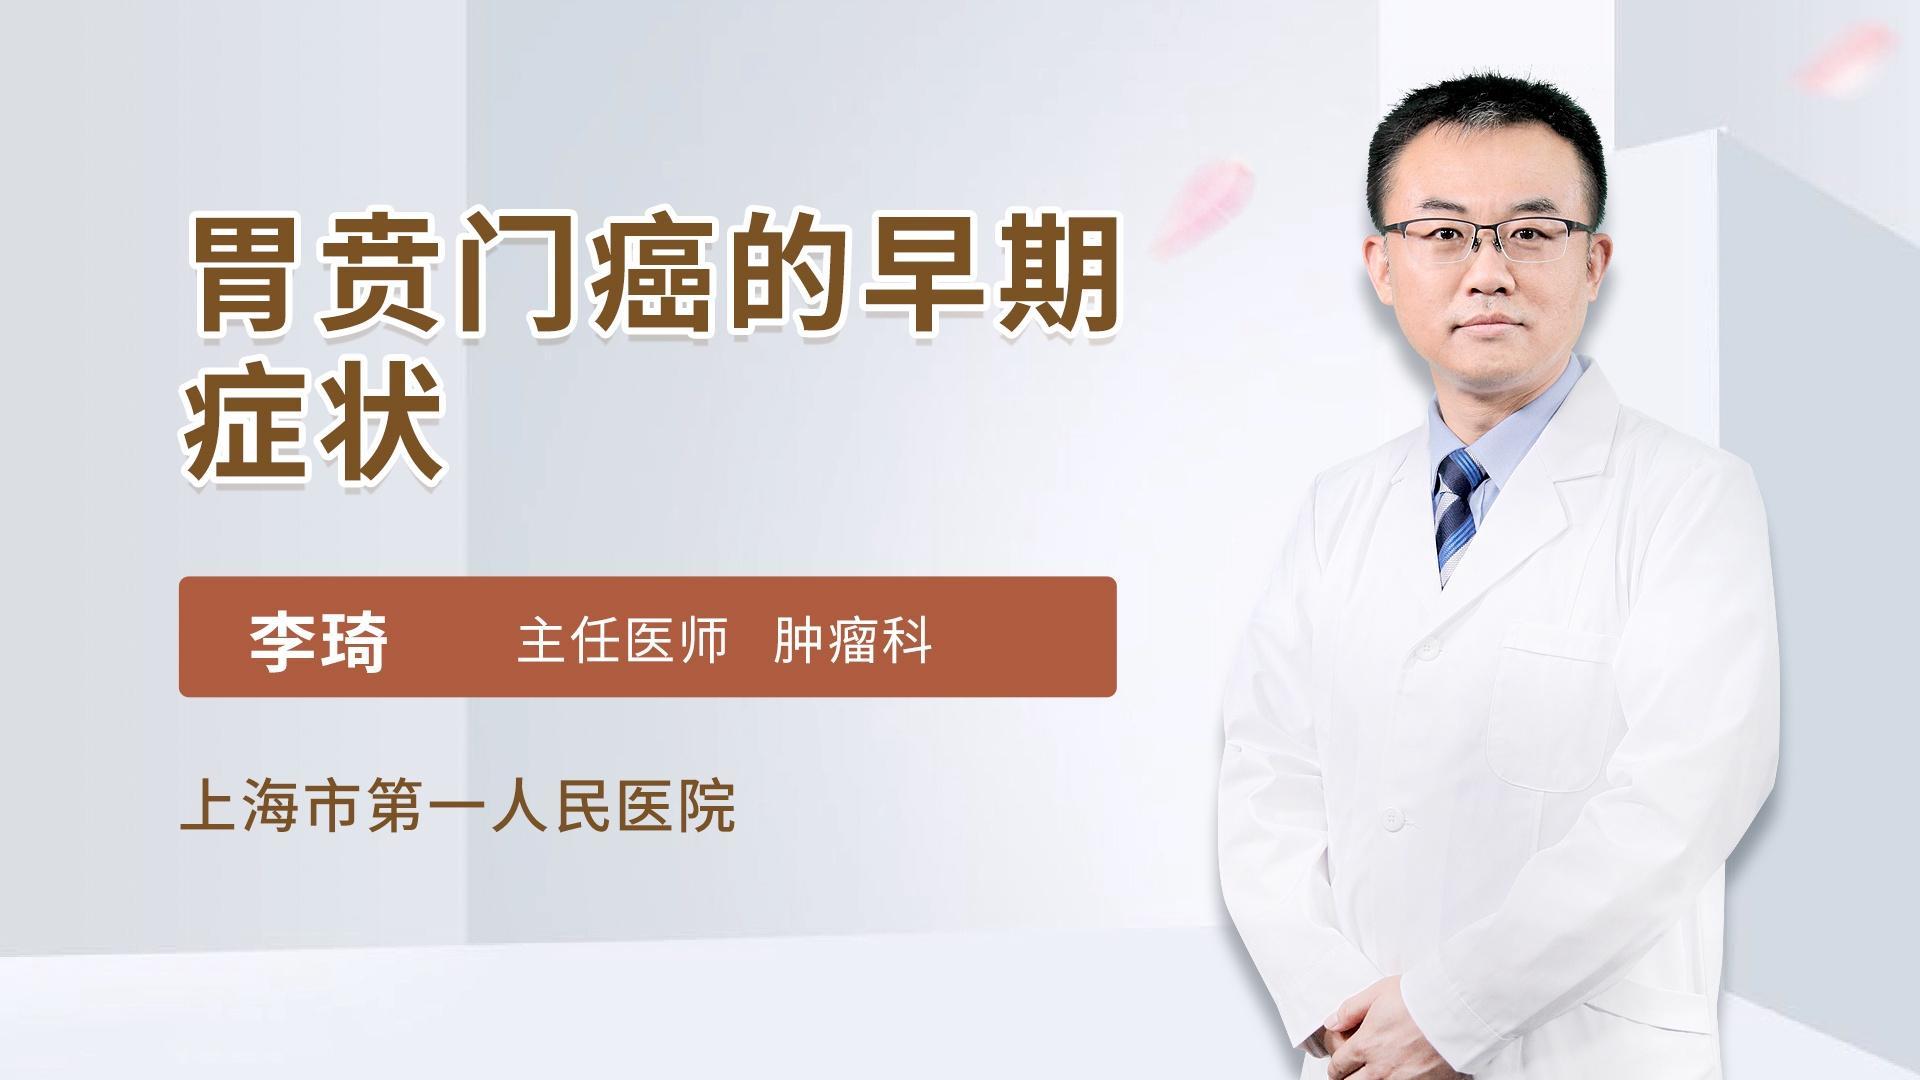 胃贲门癌的早期症状